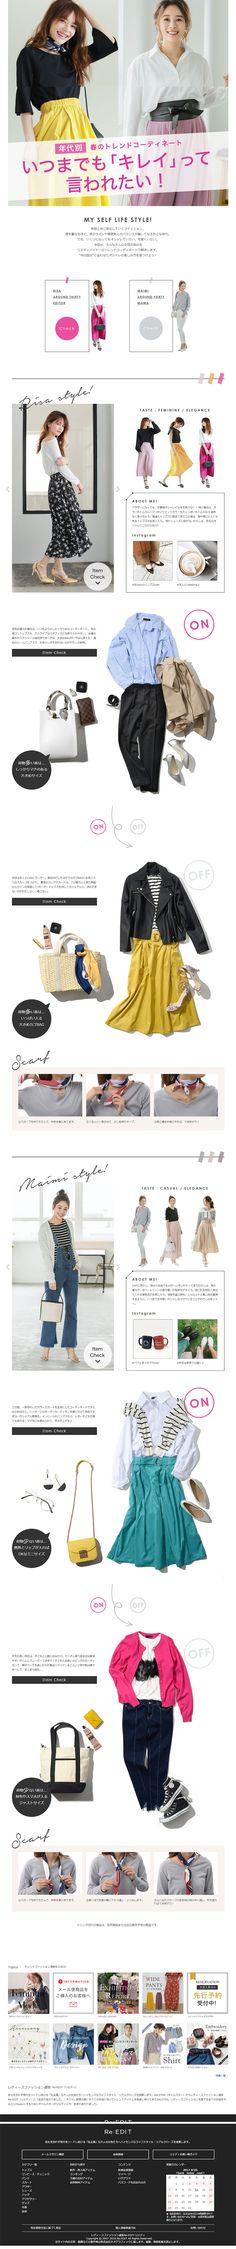 年代別春のトレンドコーディネート|WEBデザイナーさん必見!ランディングページのデザイン参考に(かわいい系)